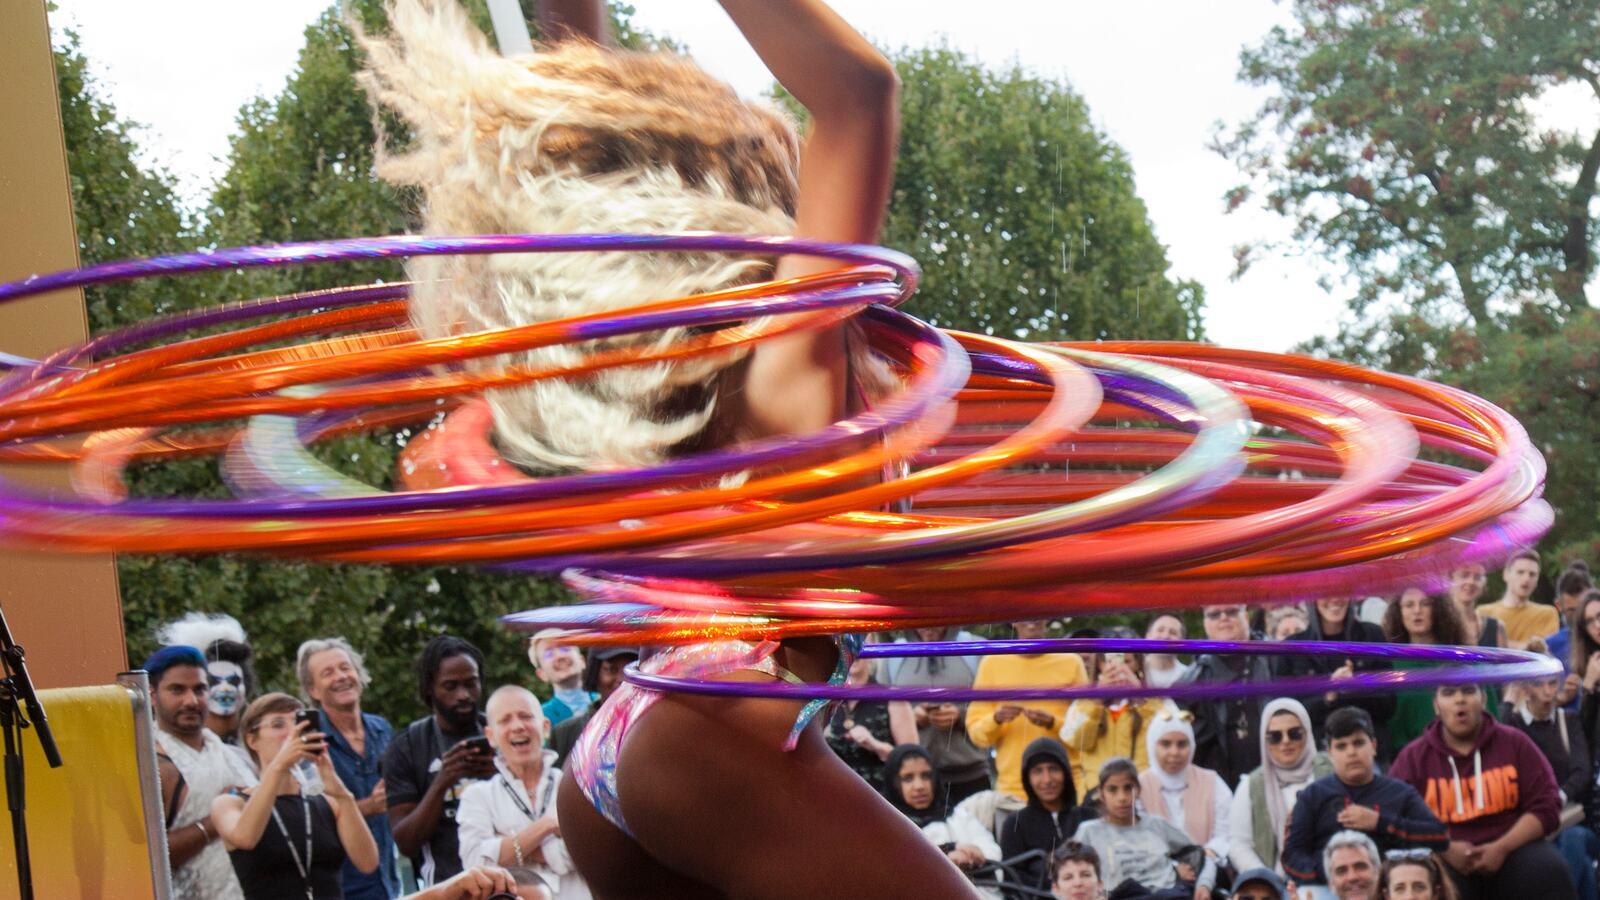 Hula hoop performance on stage